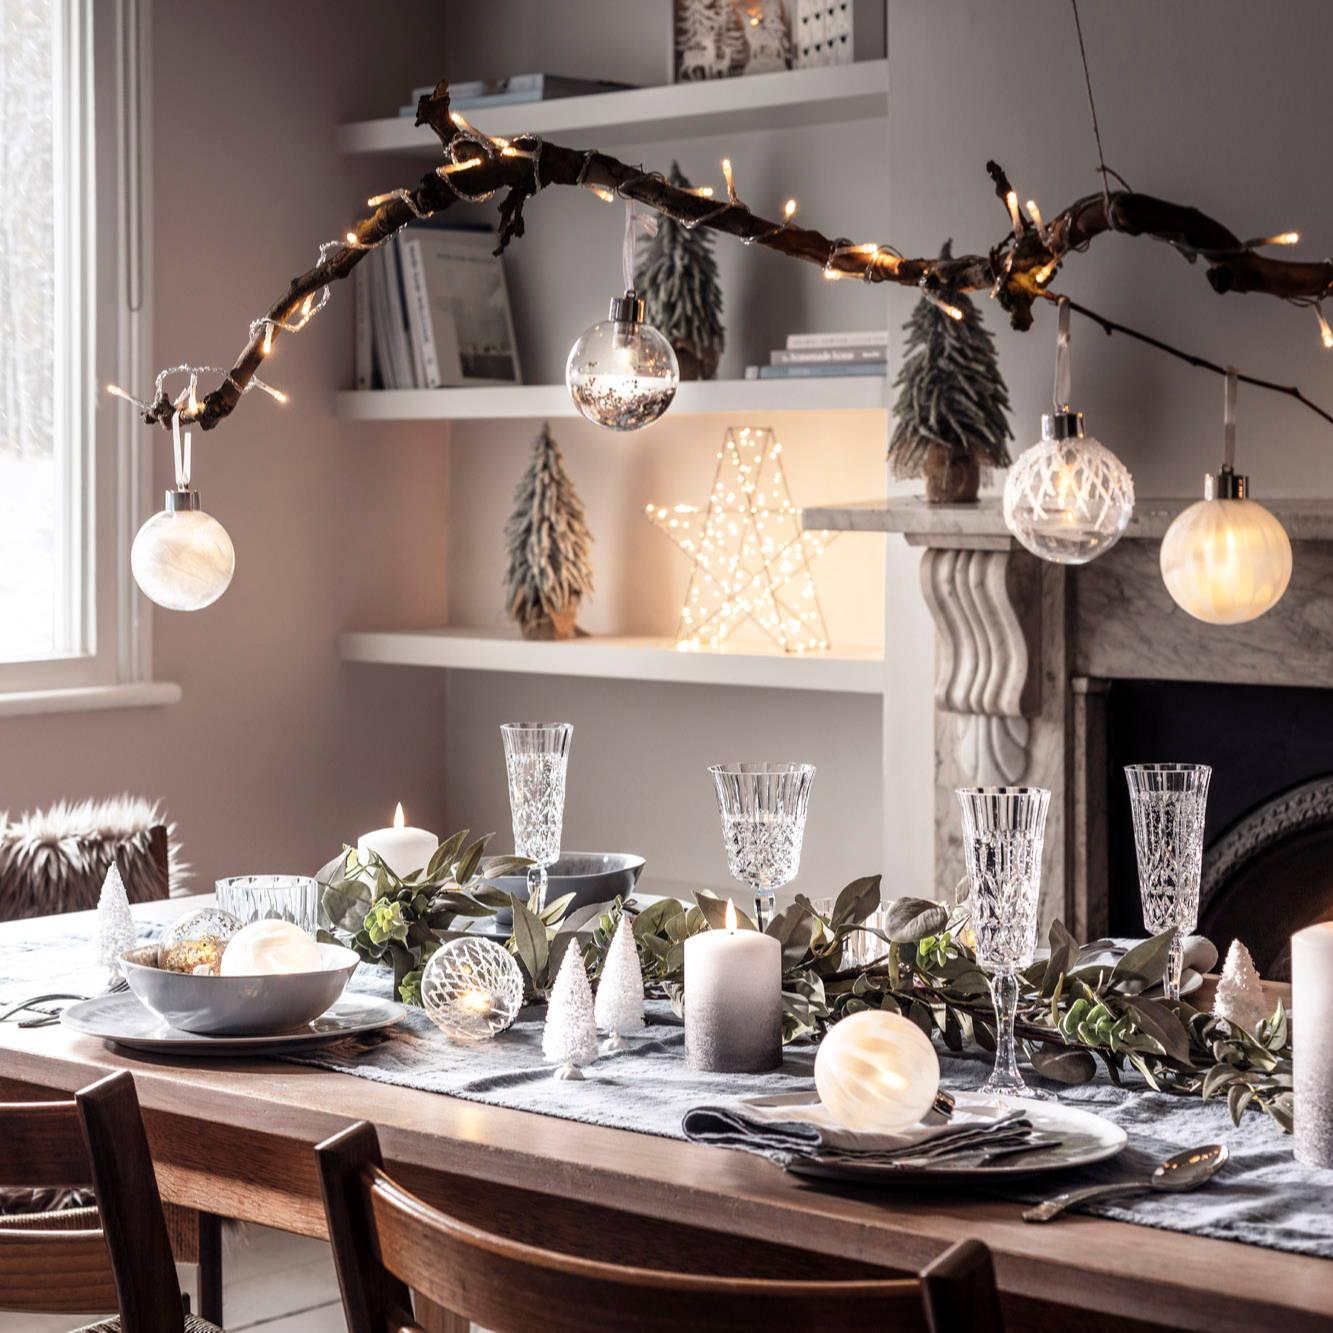 Tischdeko für Weihnachten, Weihnachtsgirlande, Kerzen und Weihnachtsbaumkugeln